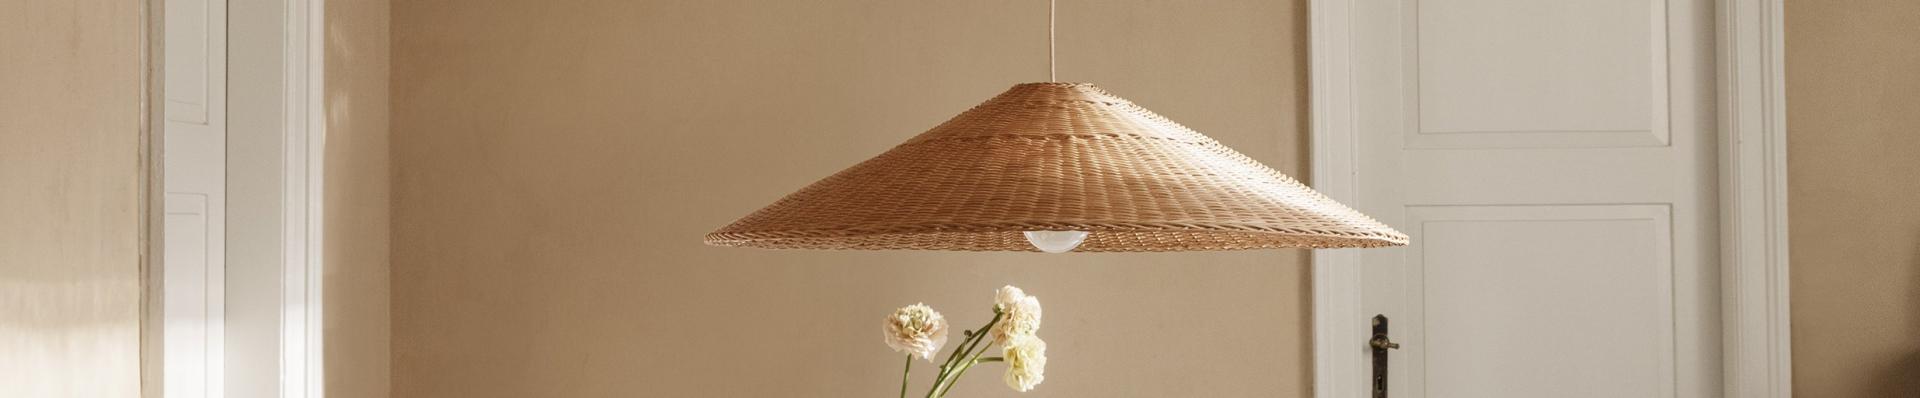 Ferm Living hanglampen